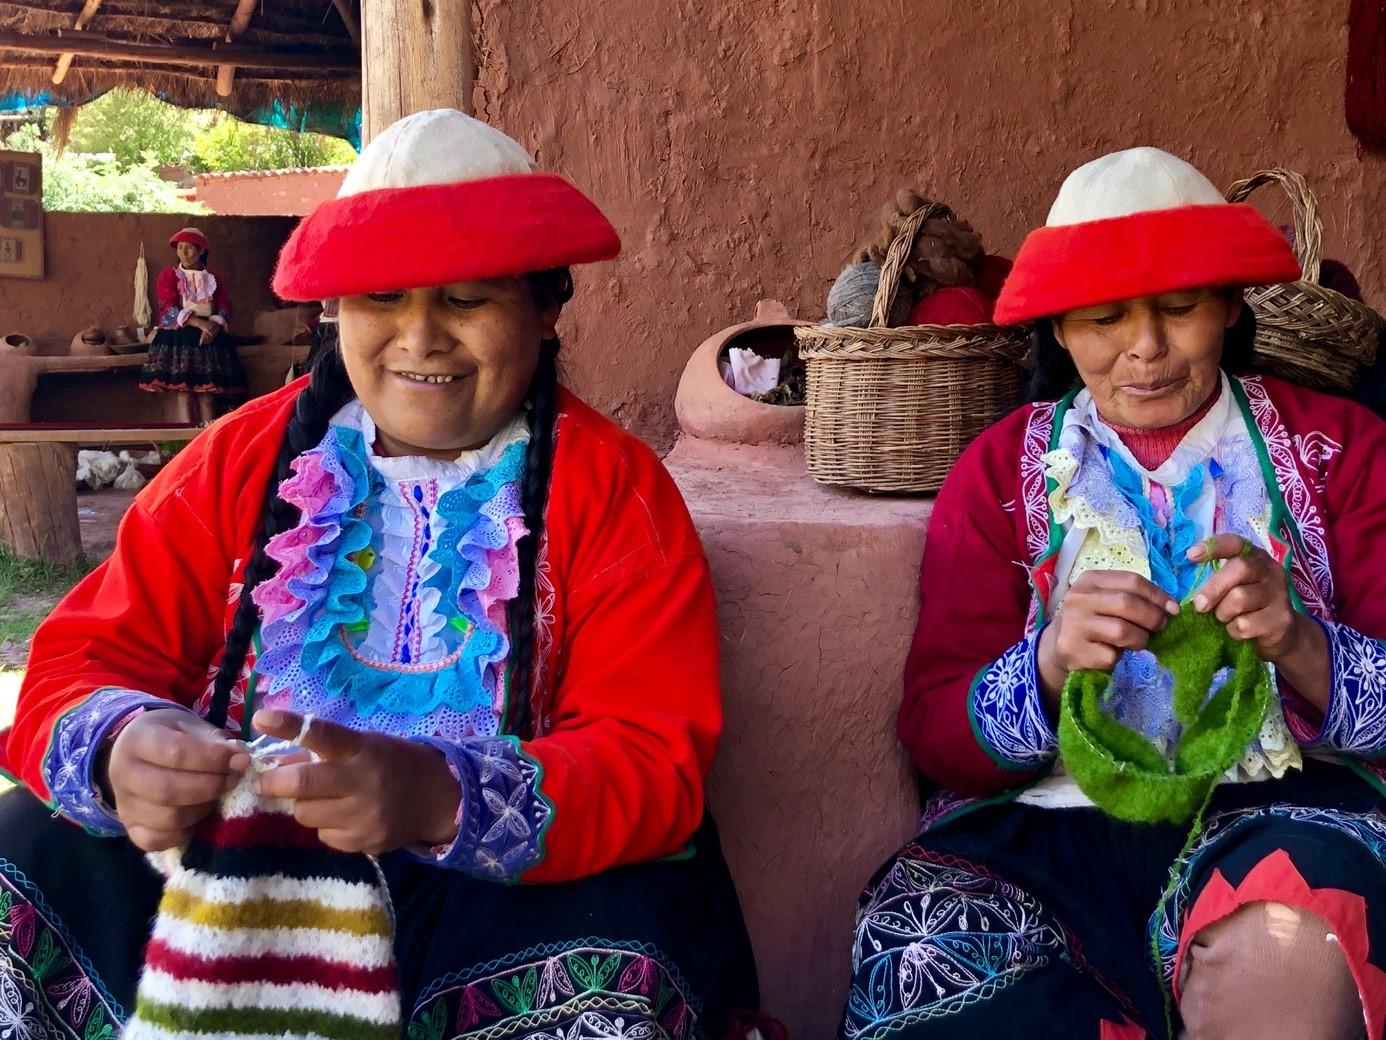 Marijke in Peru – Hoe maken ze die mutsen, shawls en truien nu eigenlijk?